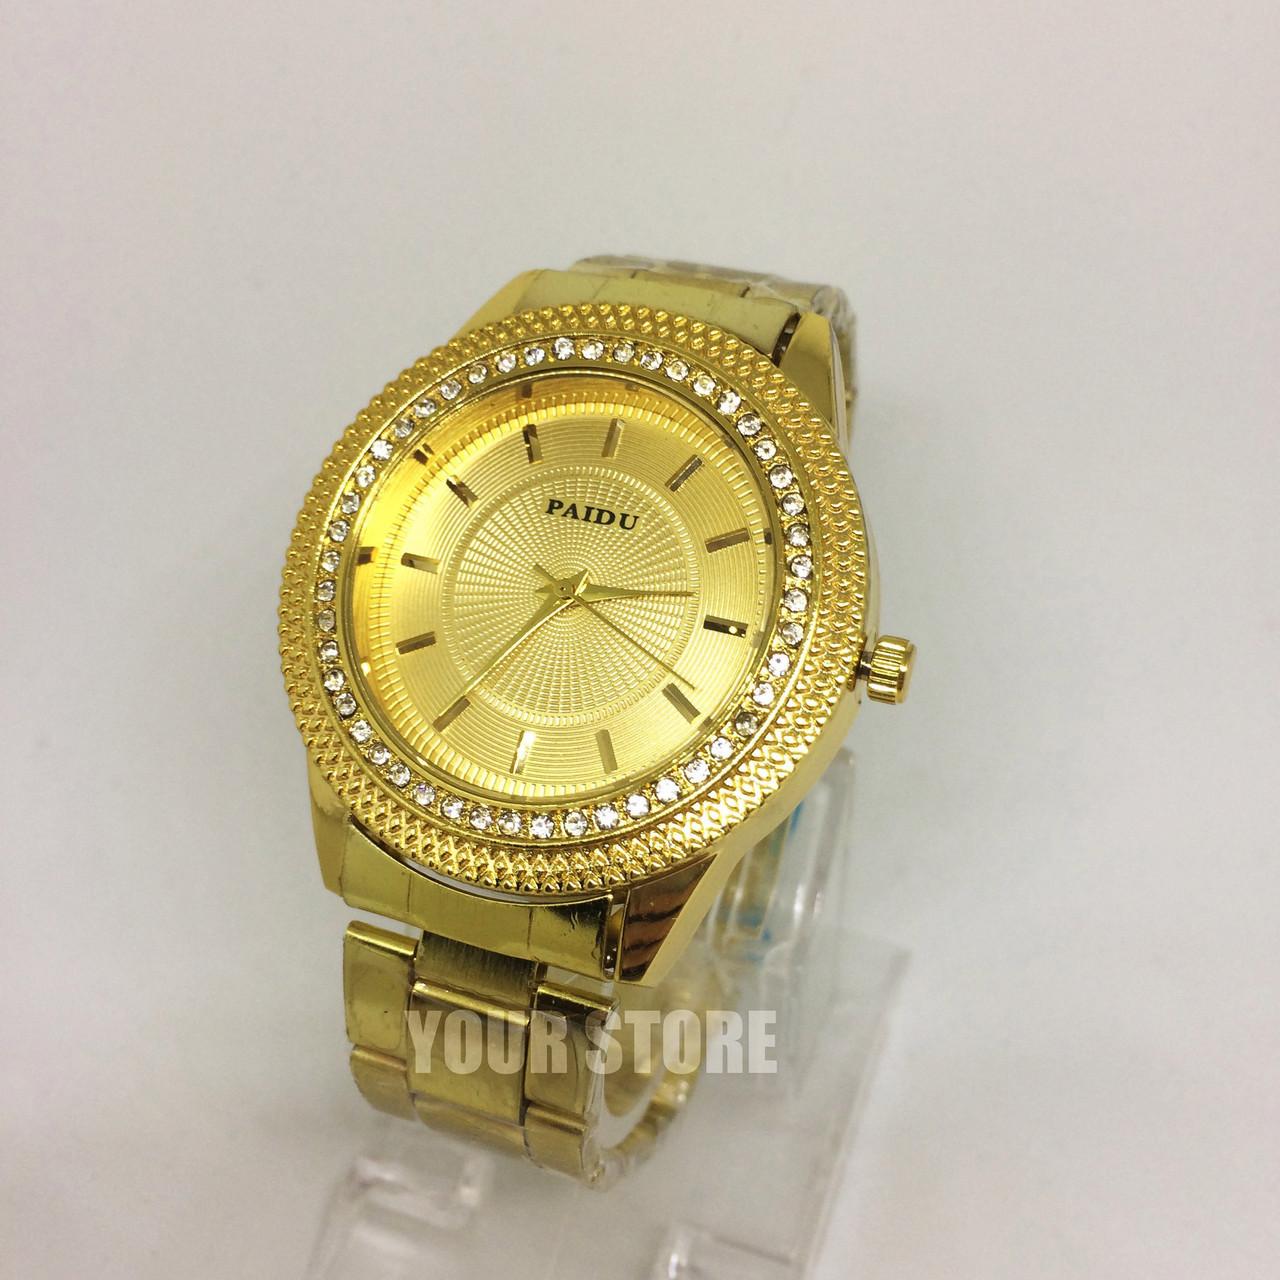 Женские наручные часы Paidu золотые